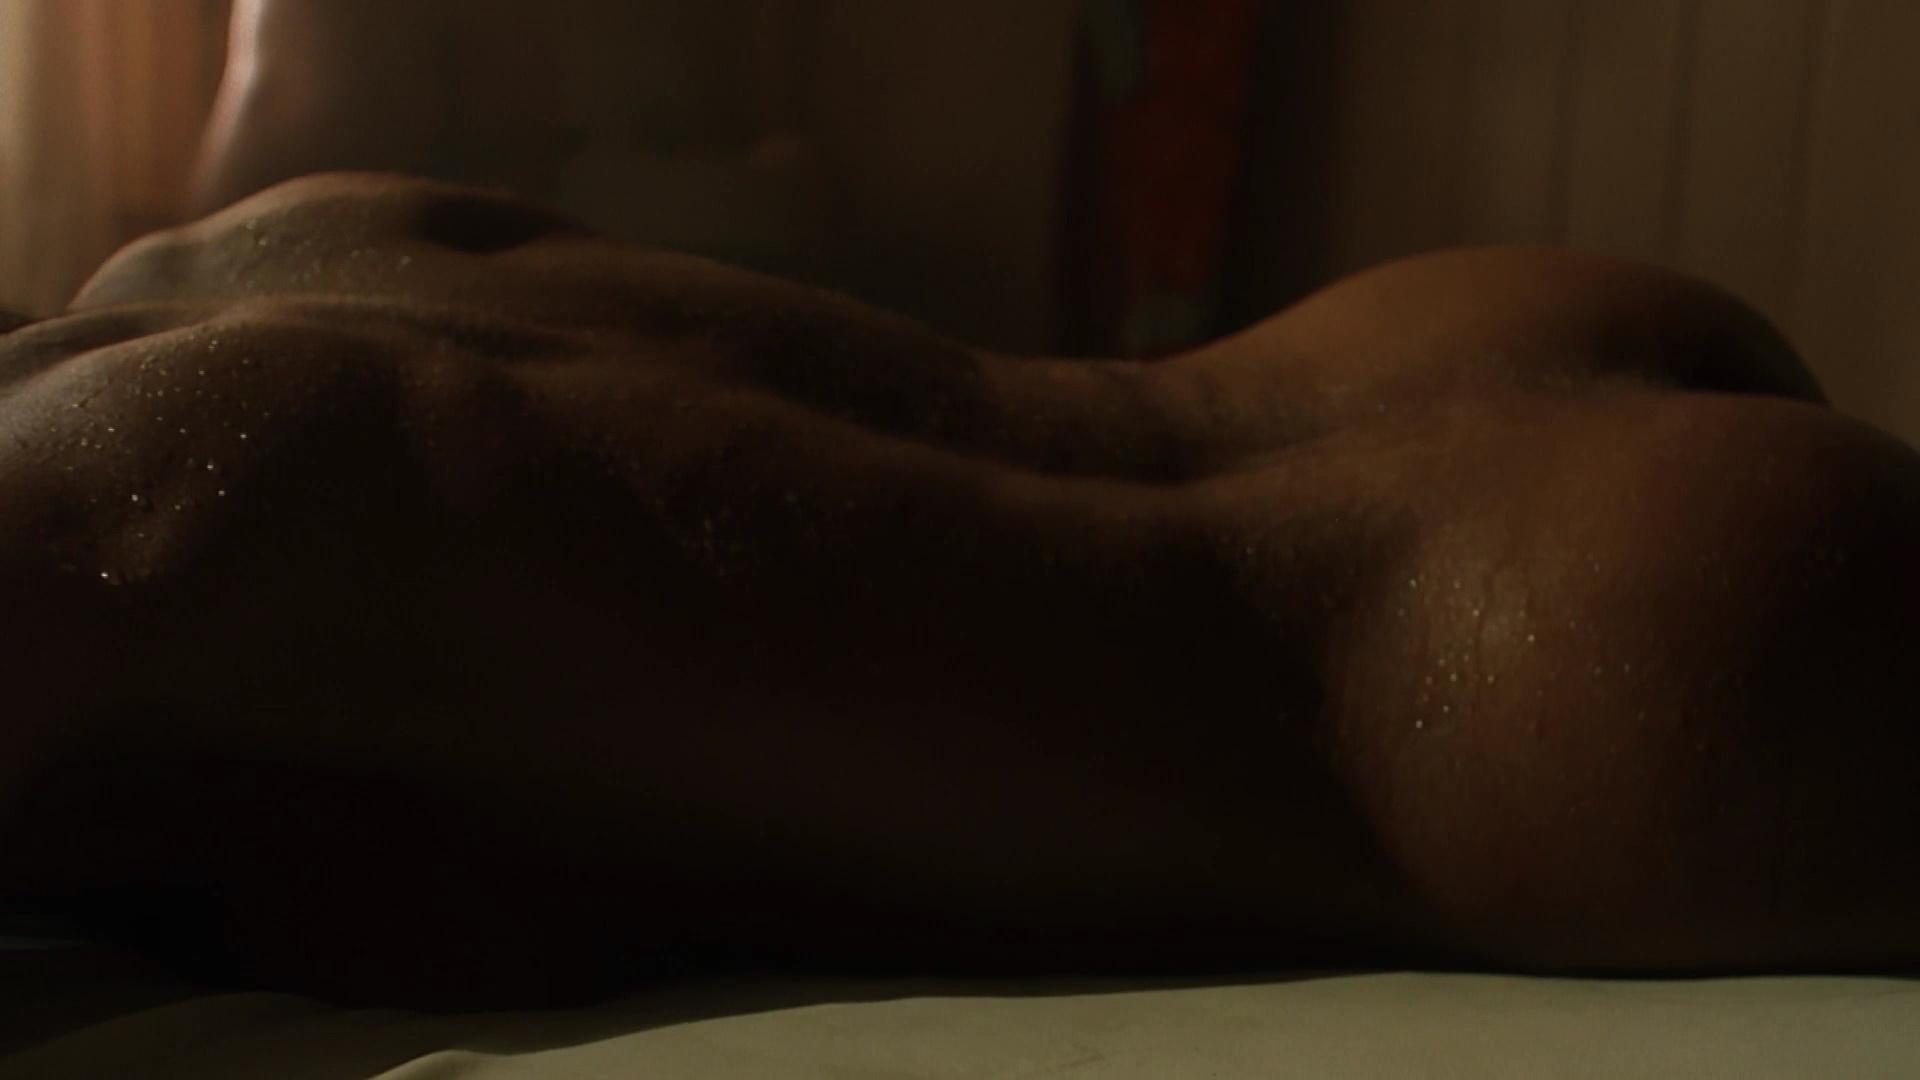 Deborah shelton nude sex scene